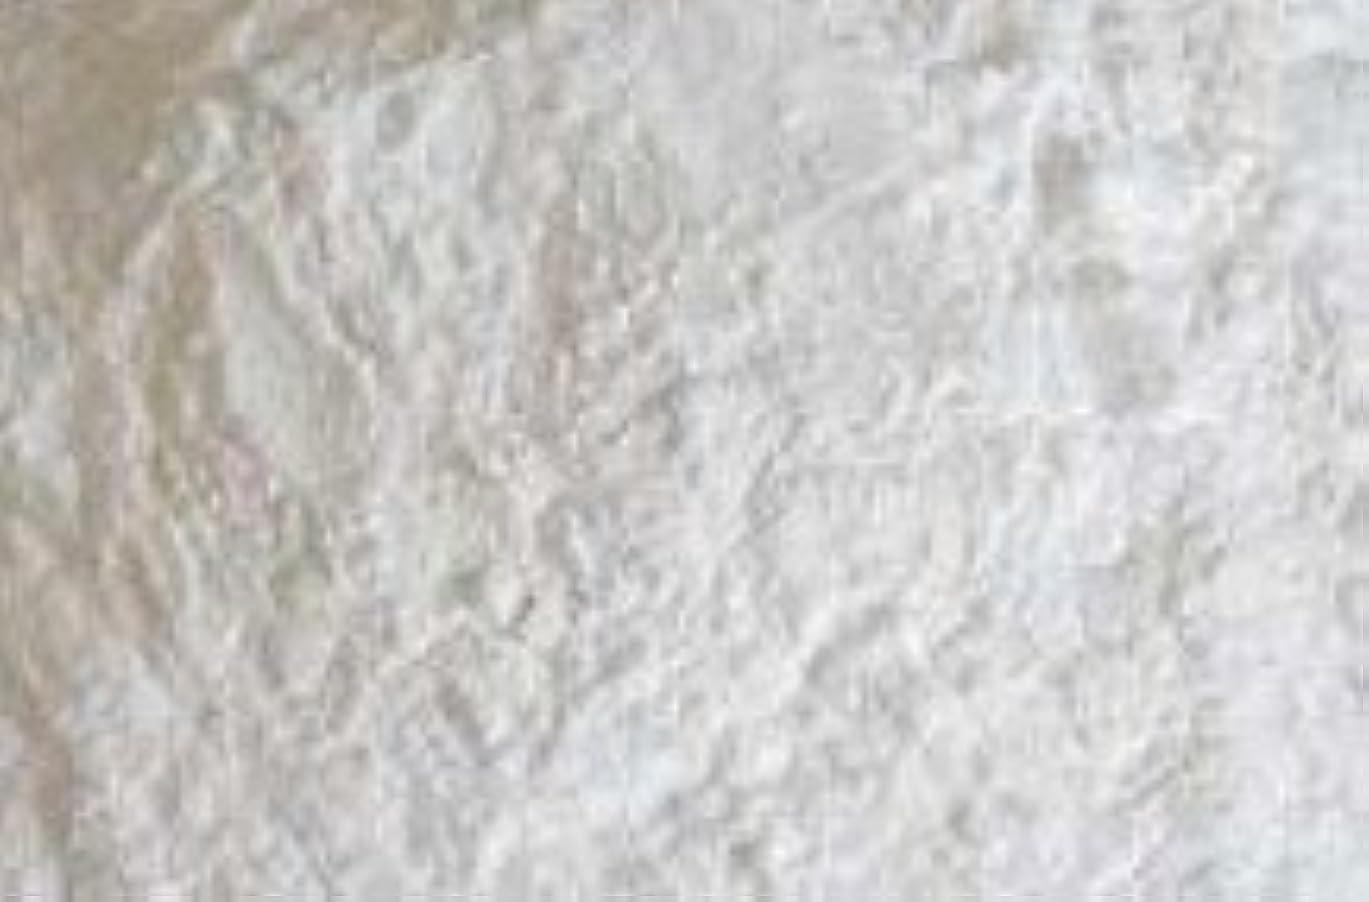 かき混ぜる専ら他の場所Herbs : Acacia / gum Arabica (パウダー)